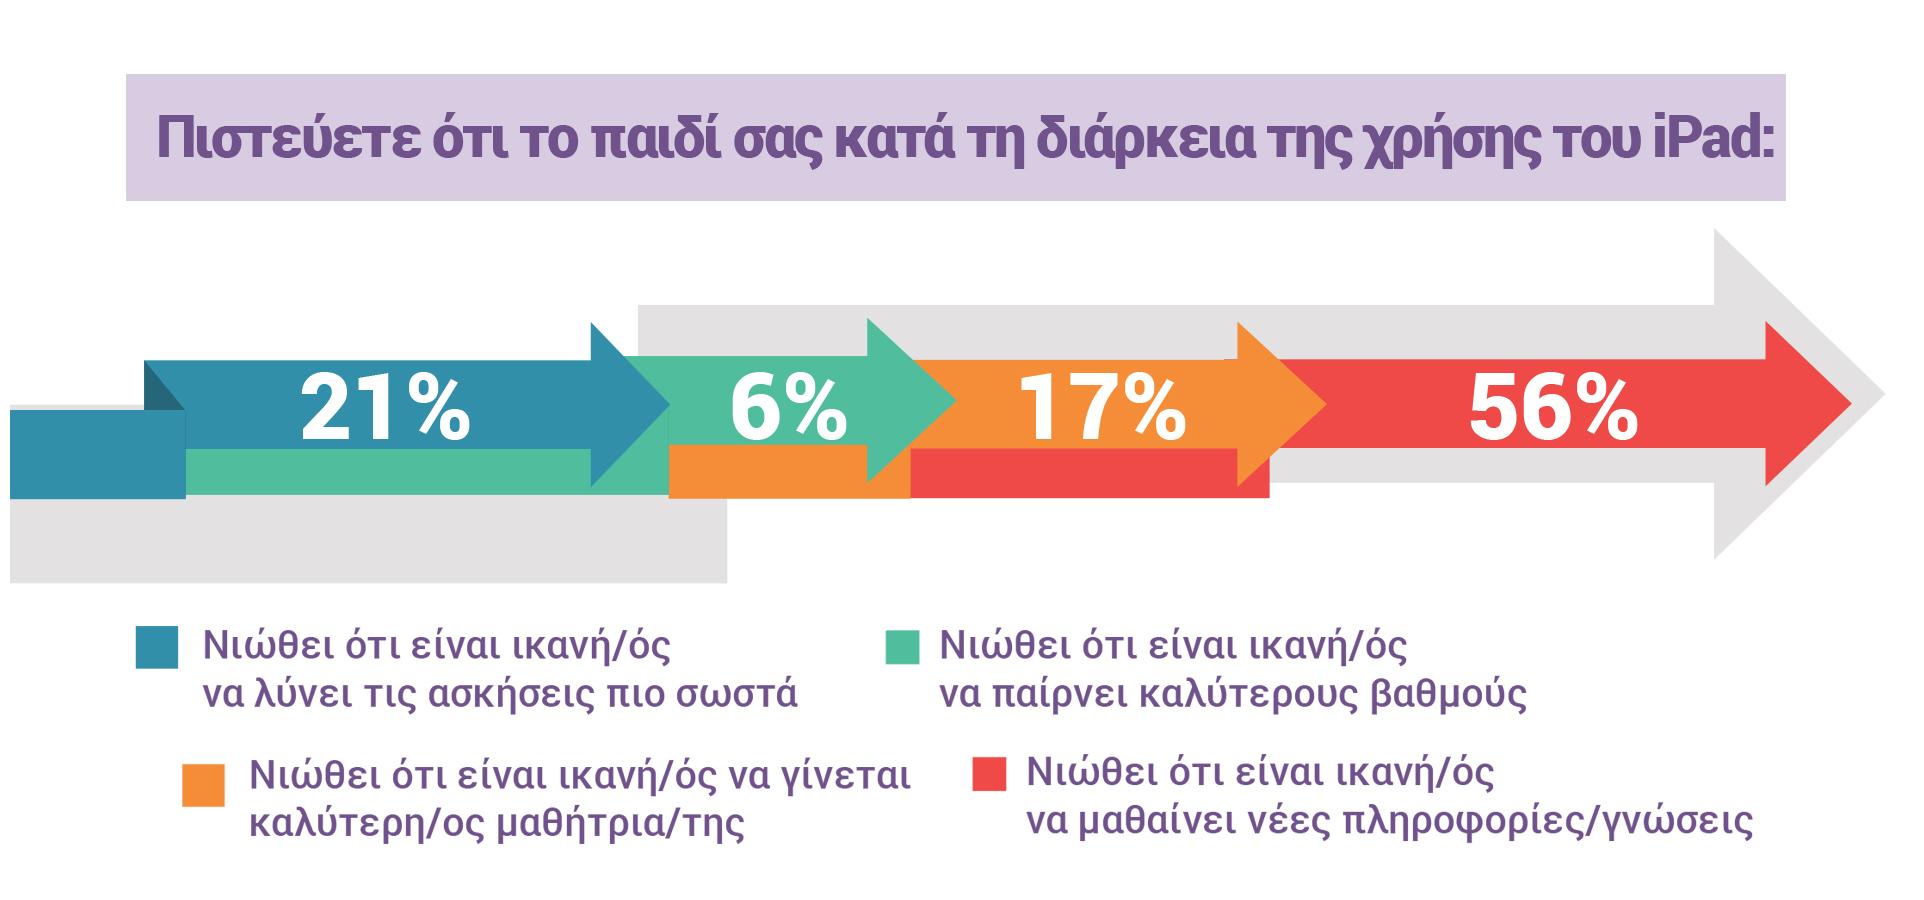 Πιστεύετε ότι το παιδί σας κατά τη διάρκεια της χρήσης του iPad: 21% Νιώθει ότι είναι ικανή/ός να λύνει τις ασκήσεις πιο σωστά, 6% Νιώθει ότι είναι ικανή/ός να παίρνει καλύτερους βαθμούς, 17% Νιώθει ότι είναι ικανή/ός να γίνεται καλύτερη/ος μαθήτρια/της, 56% Νιώθει ότι είναι ικανή/ός να μαθαίνει νέες πληροφορίες/γνώσεις